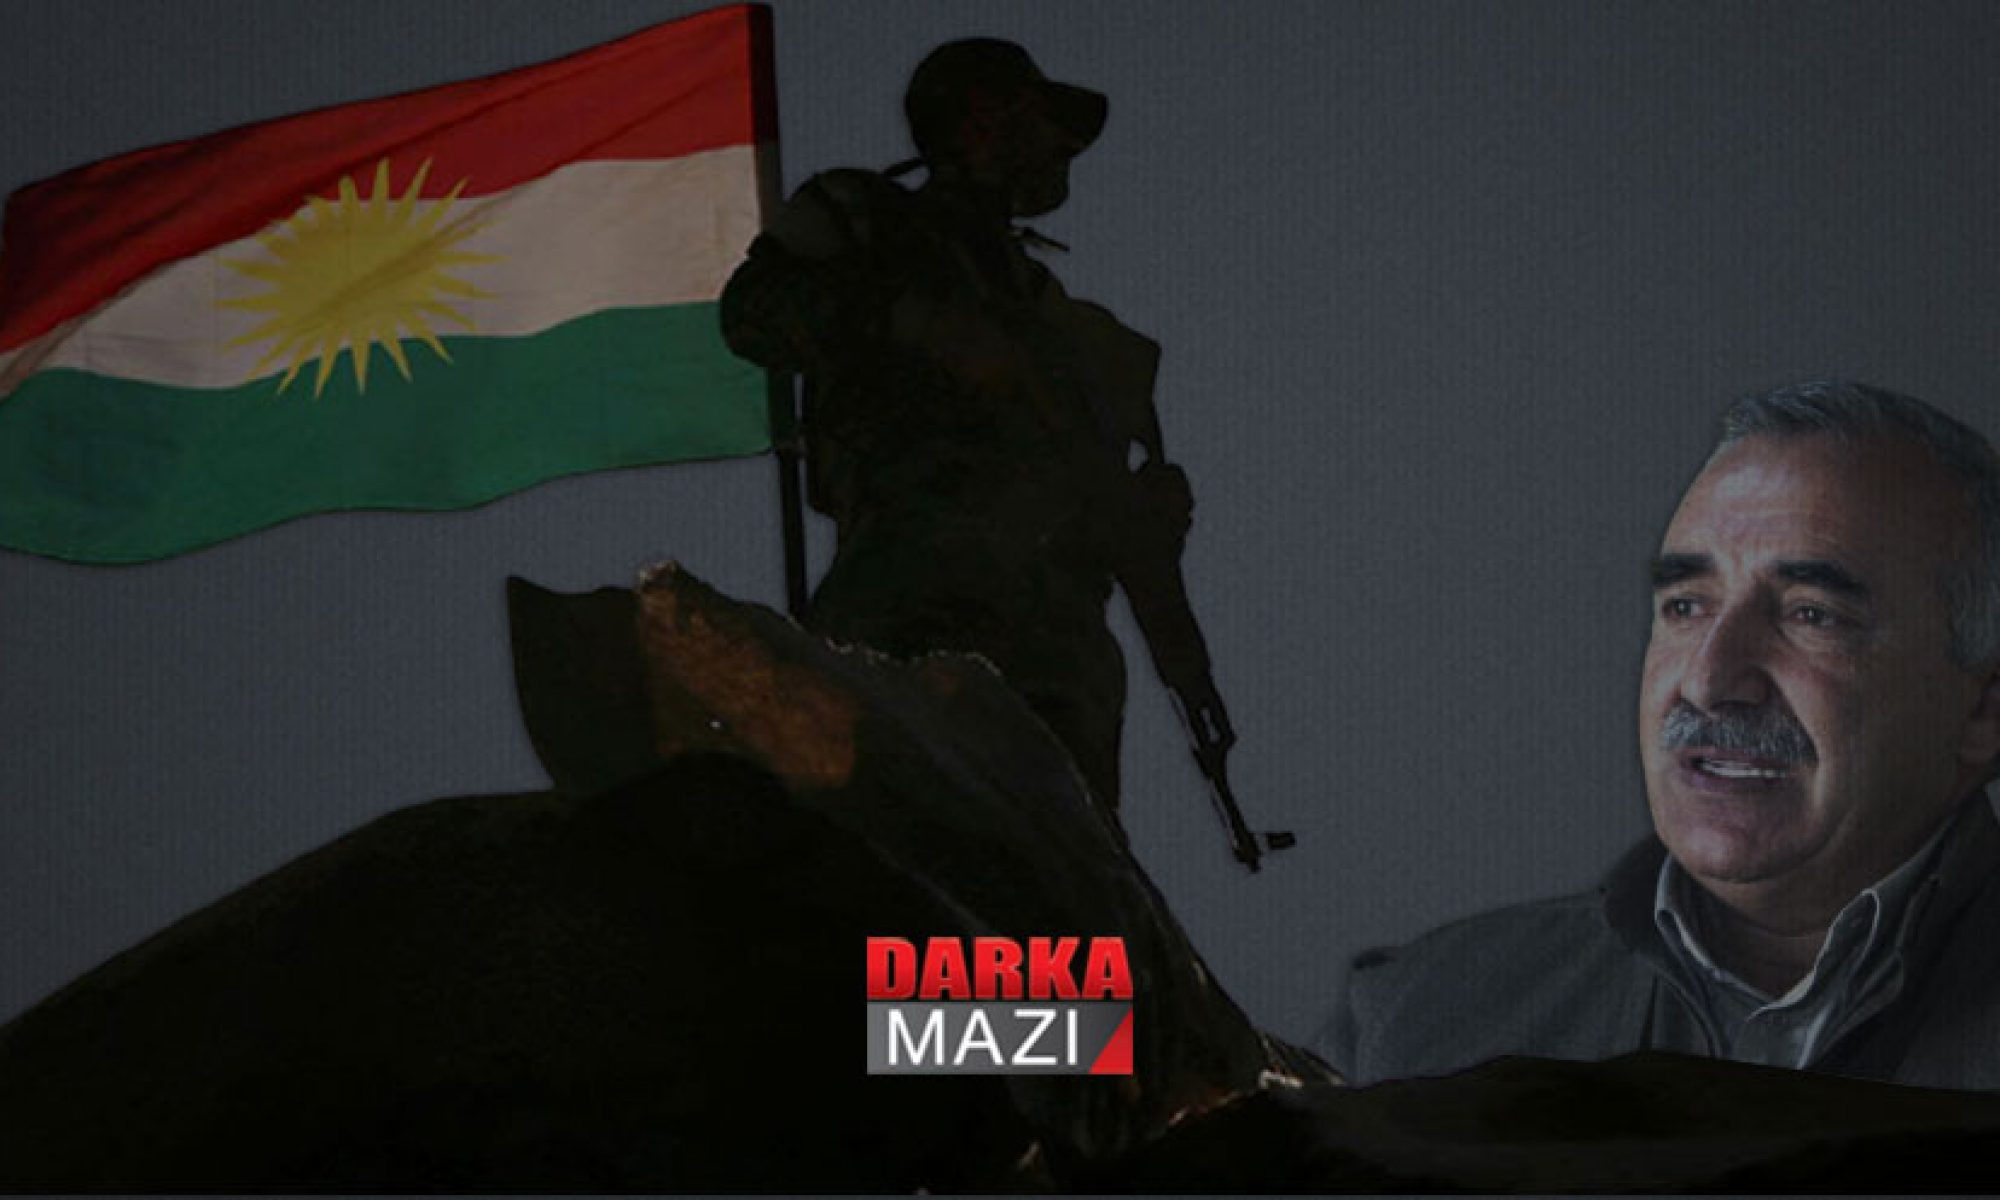 PKK'nin makul adamı Murat Karayılan'dan makul olmayan sözler, Murat Karayılan, Gare, Dinarte, Hewler, Ankara Gurubu, Peşmerge, HPG, gerilla,